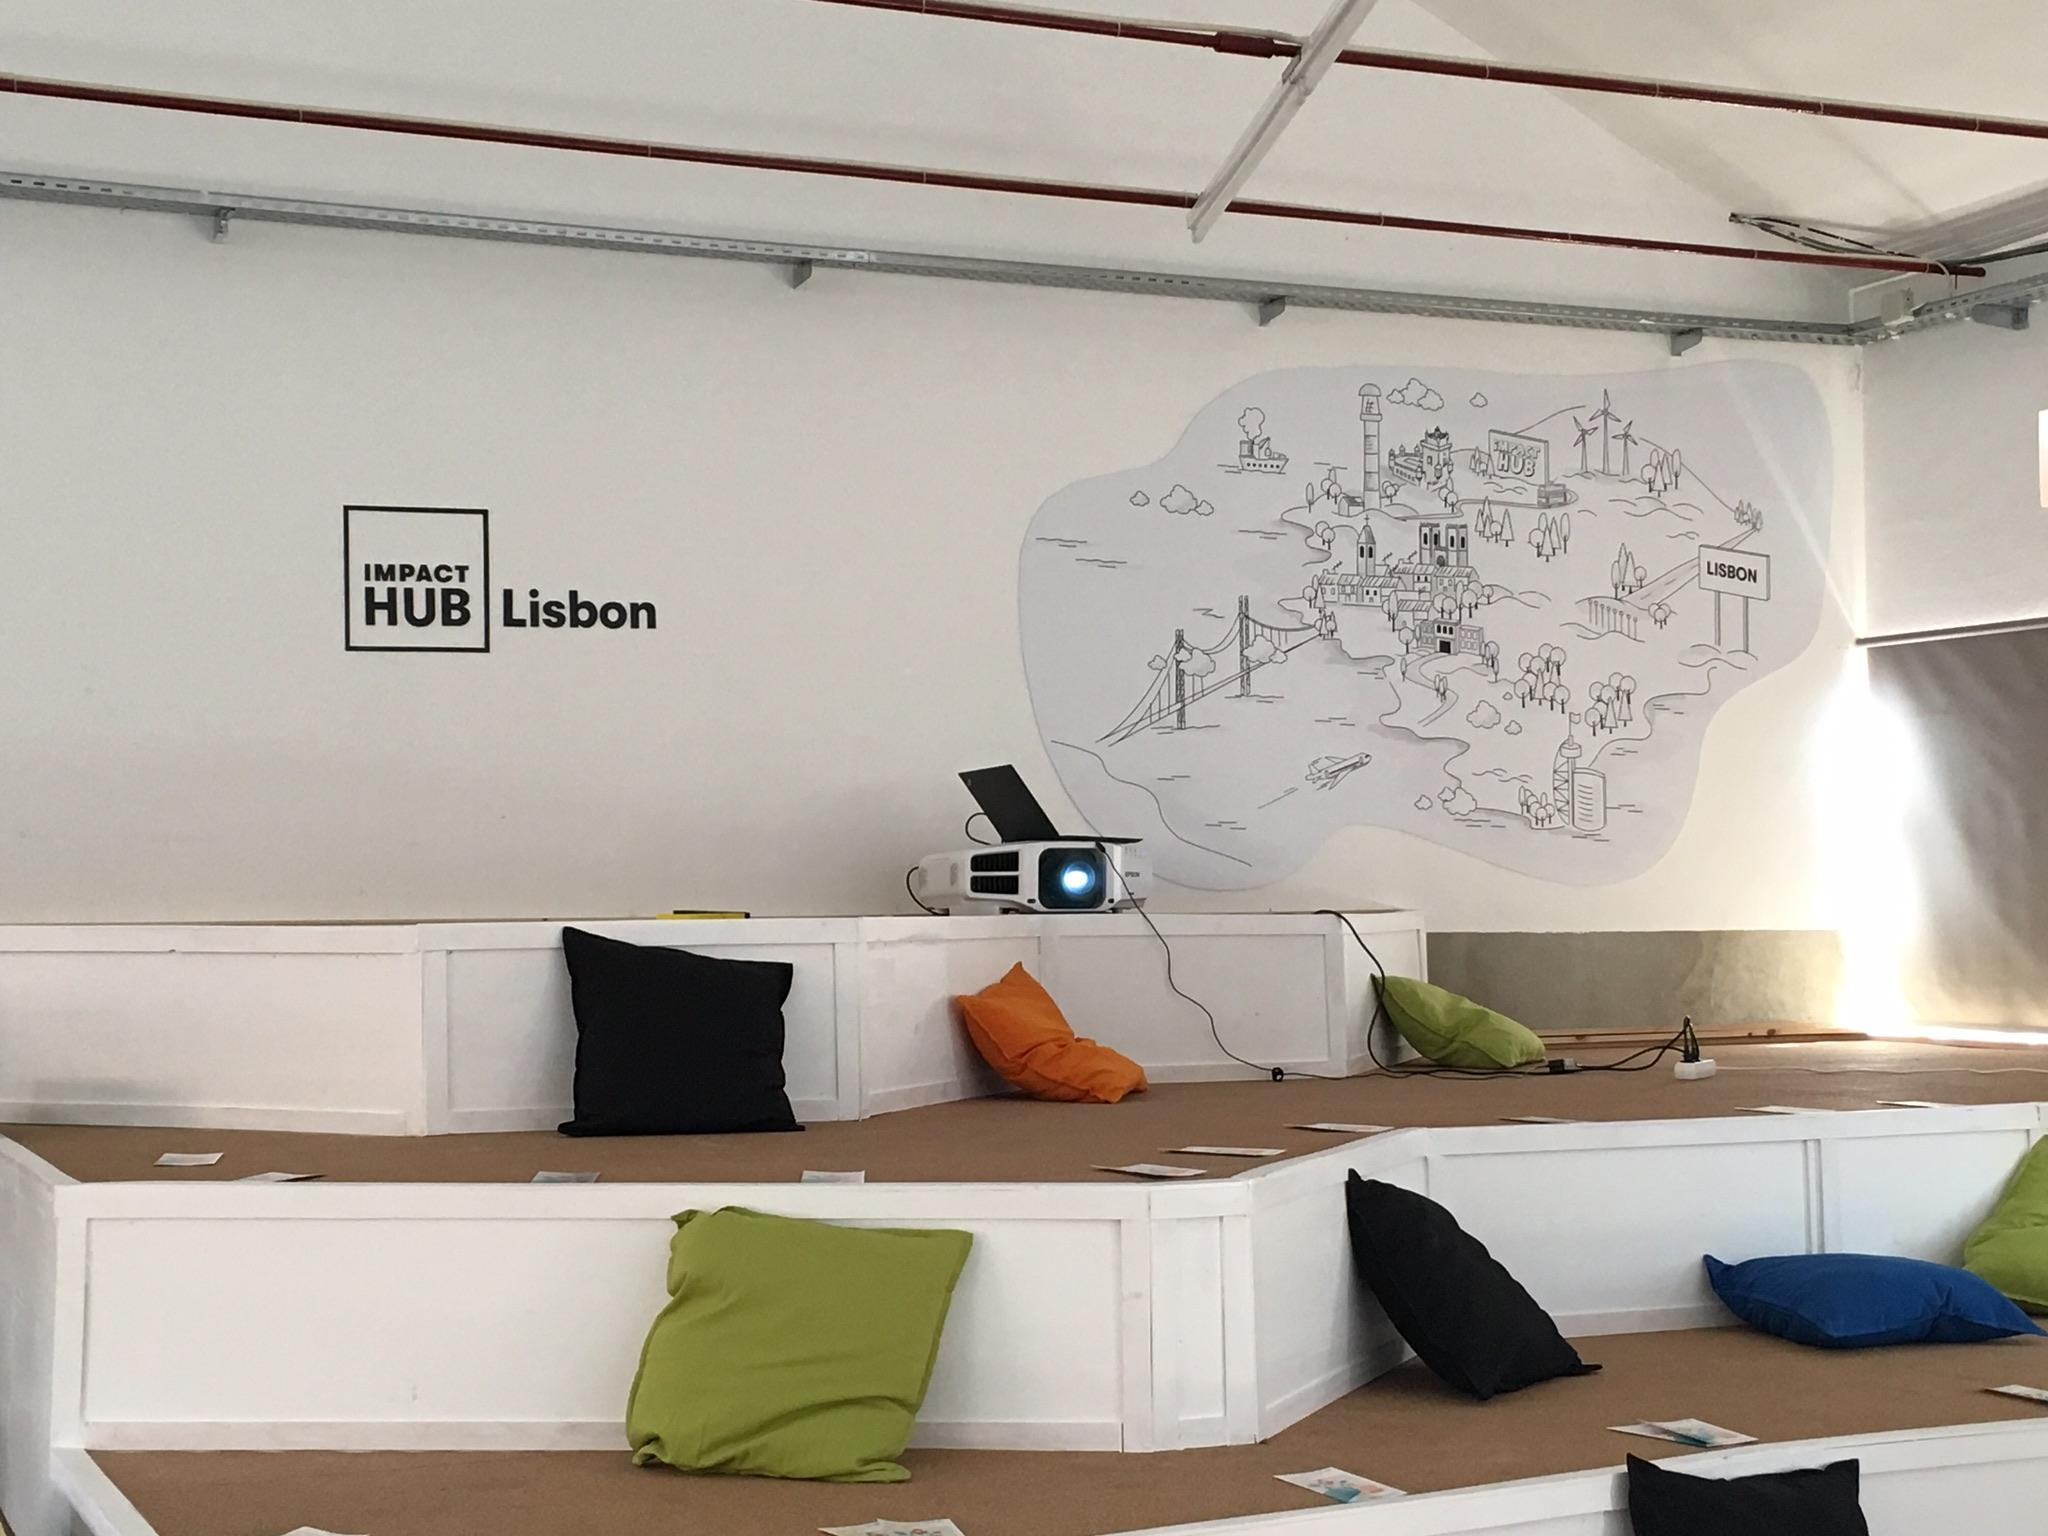 Impact Hub Lisbon, Lisbon